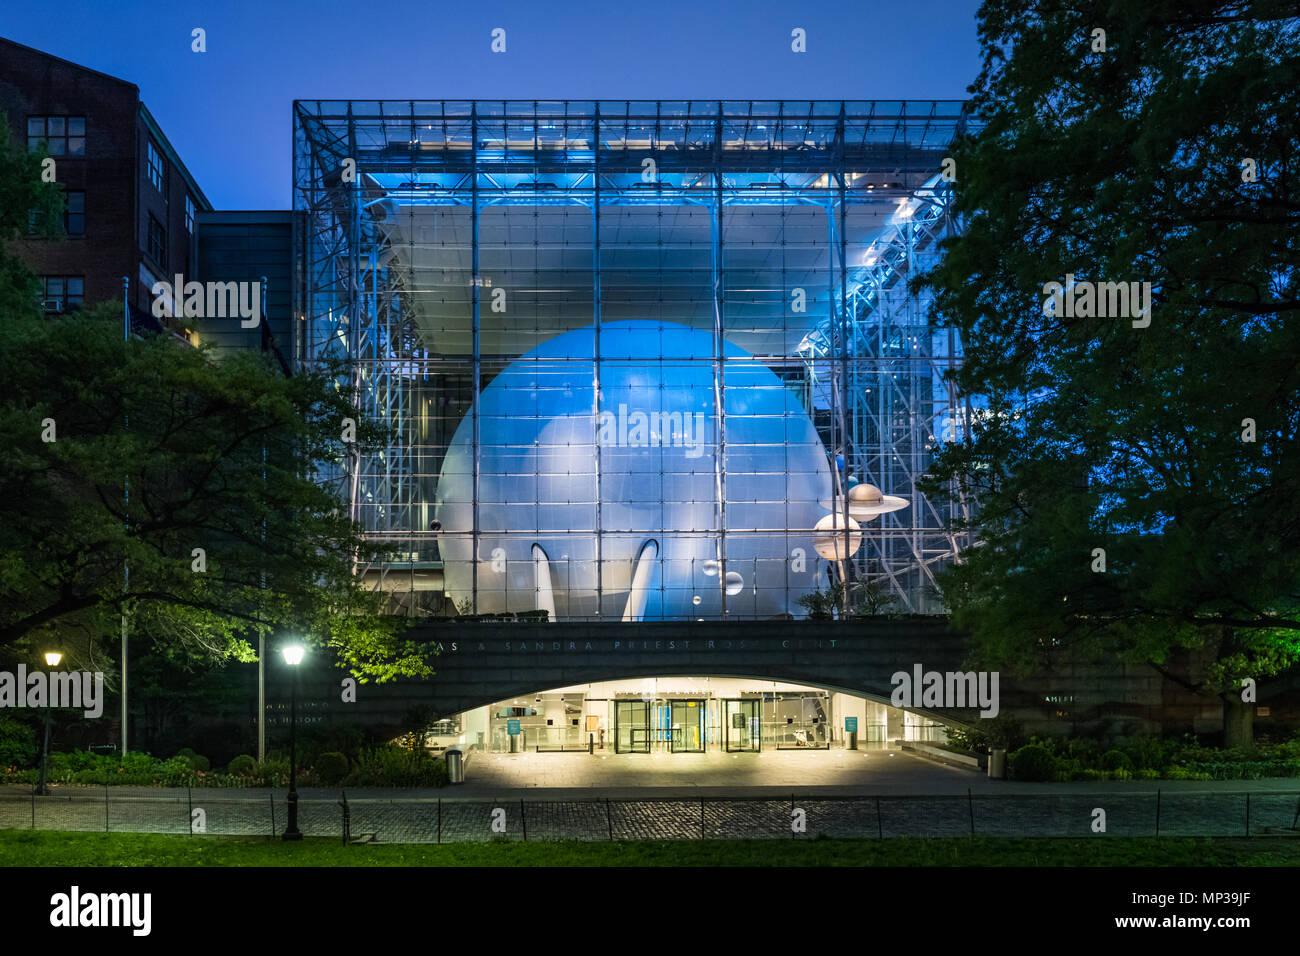 Das Hayden Planetarium in der Nähe des Central Park in New York City, USA. Stockbild